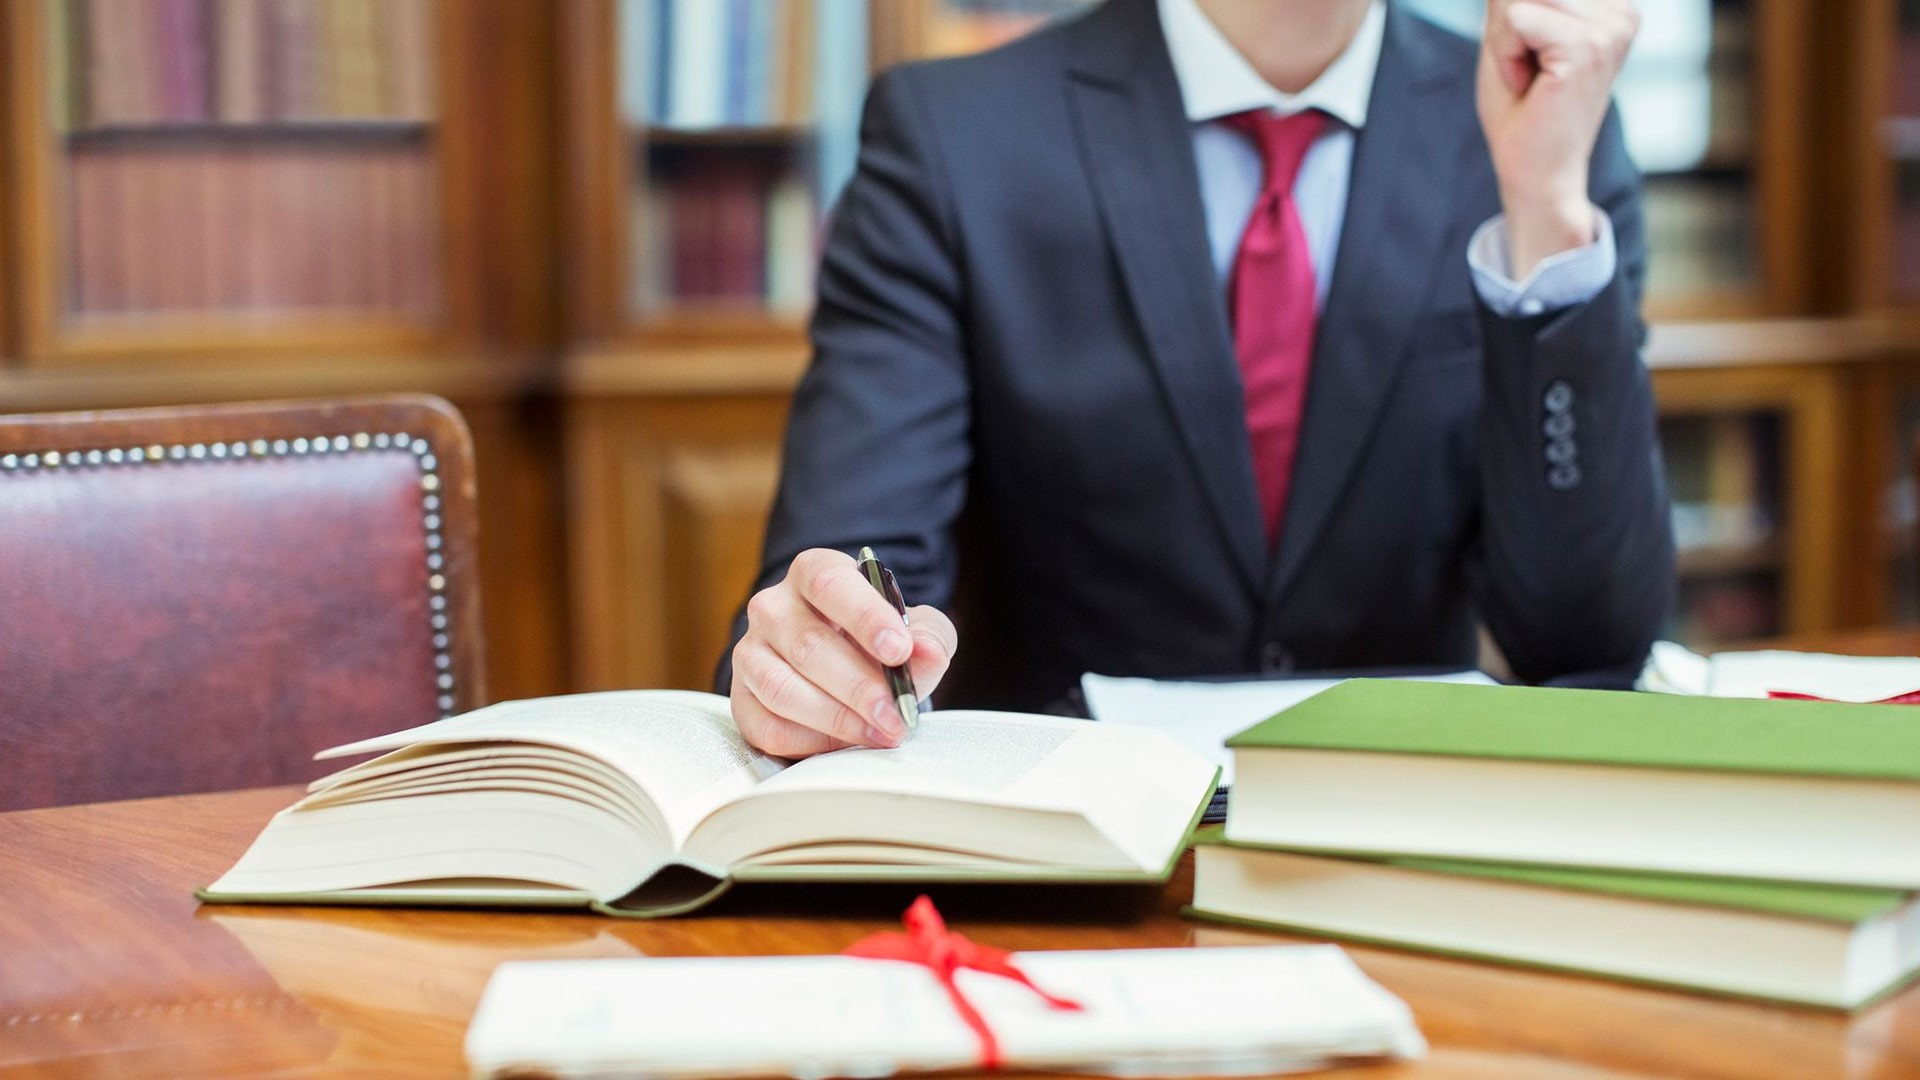 Картинки про юриста и работу